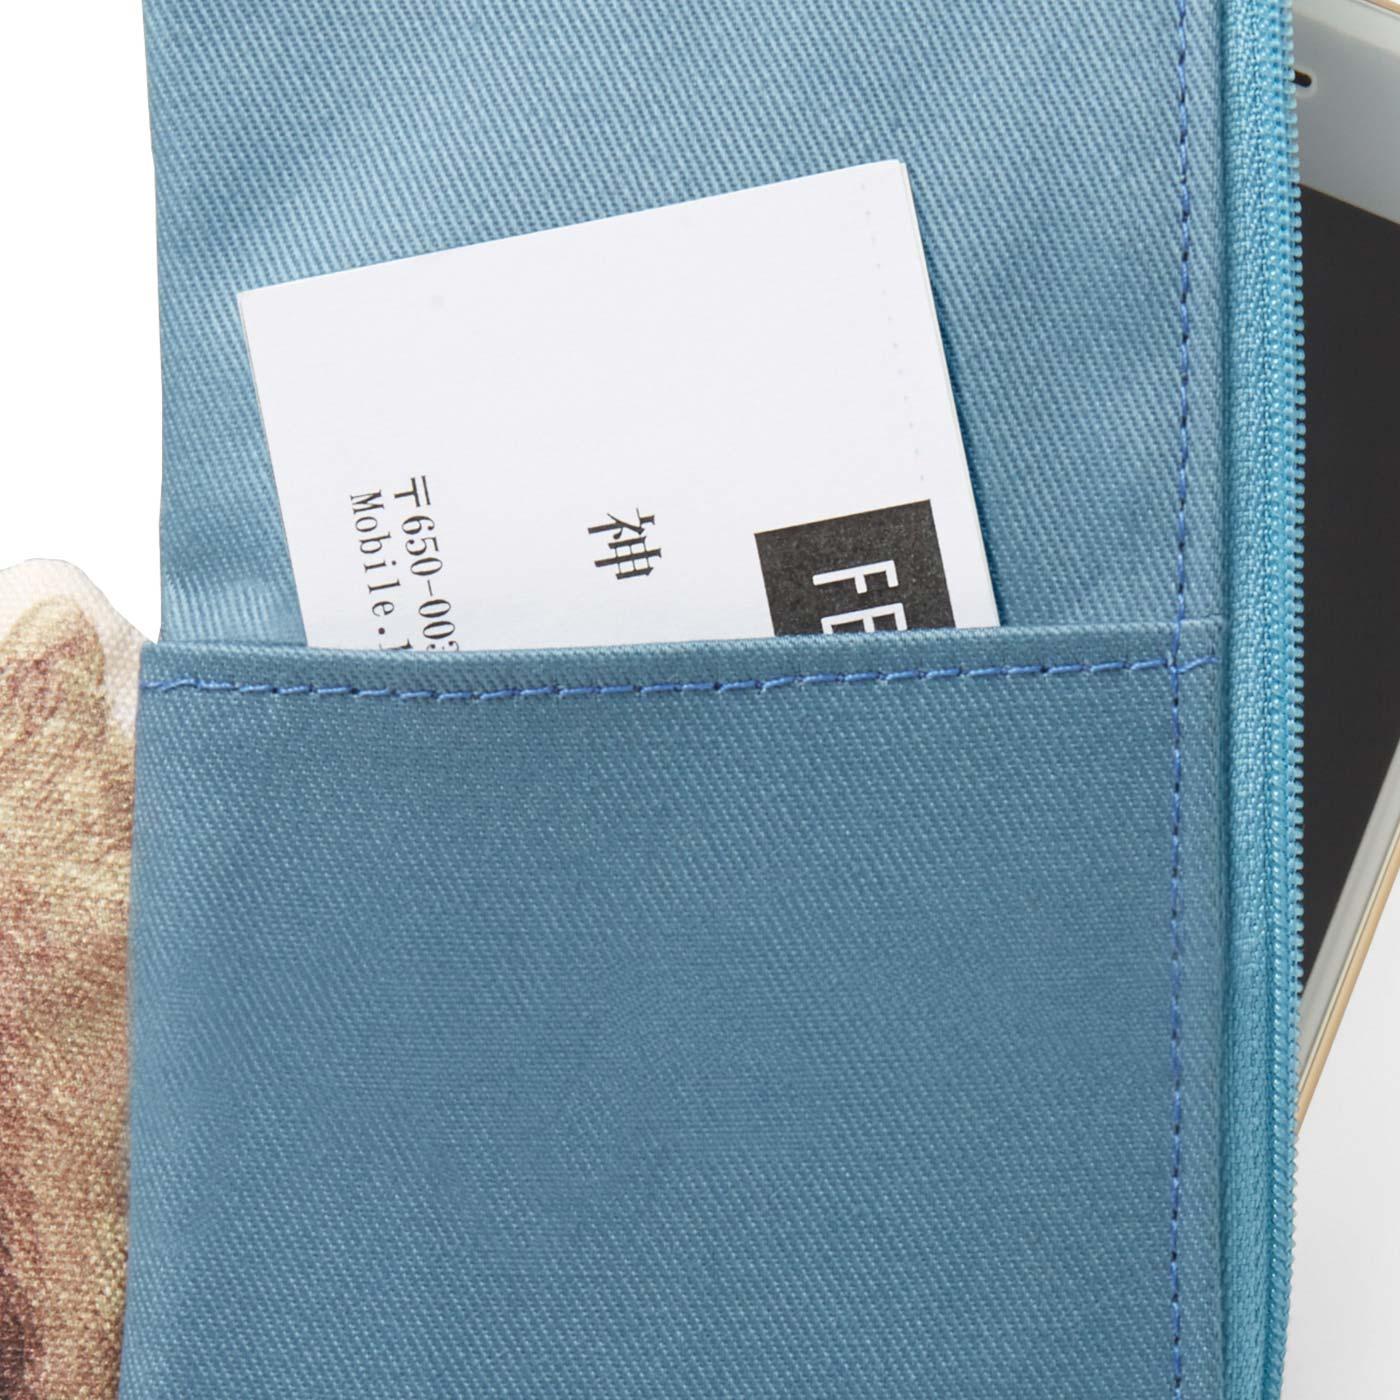 後ろポケットには名刺も入るよ。